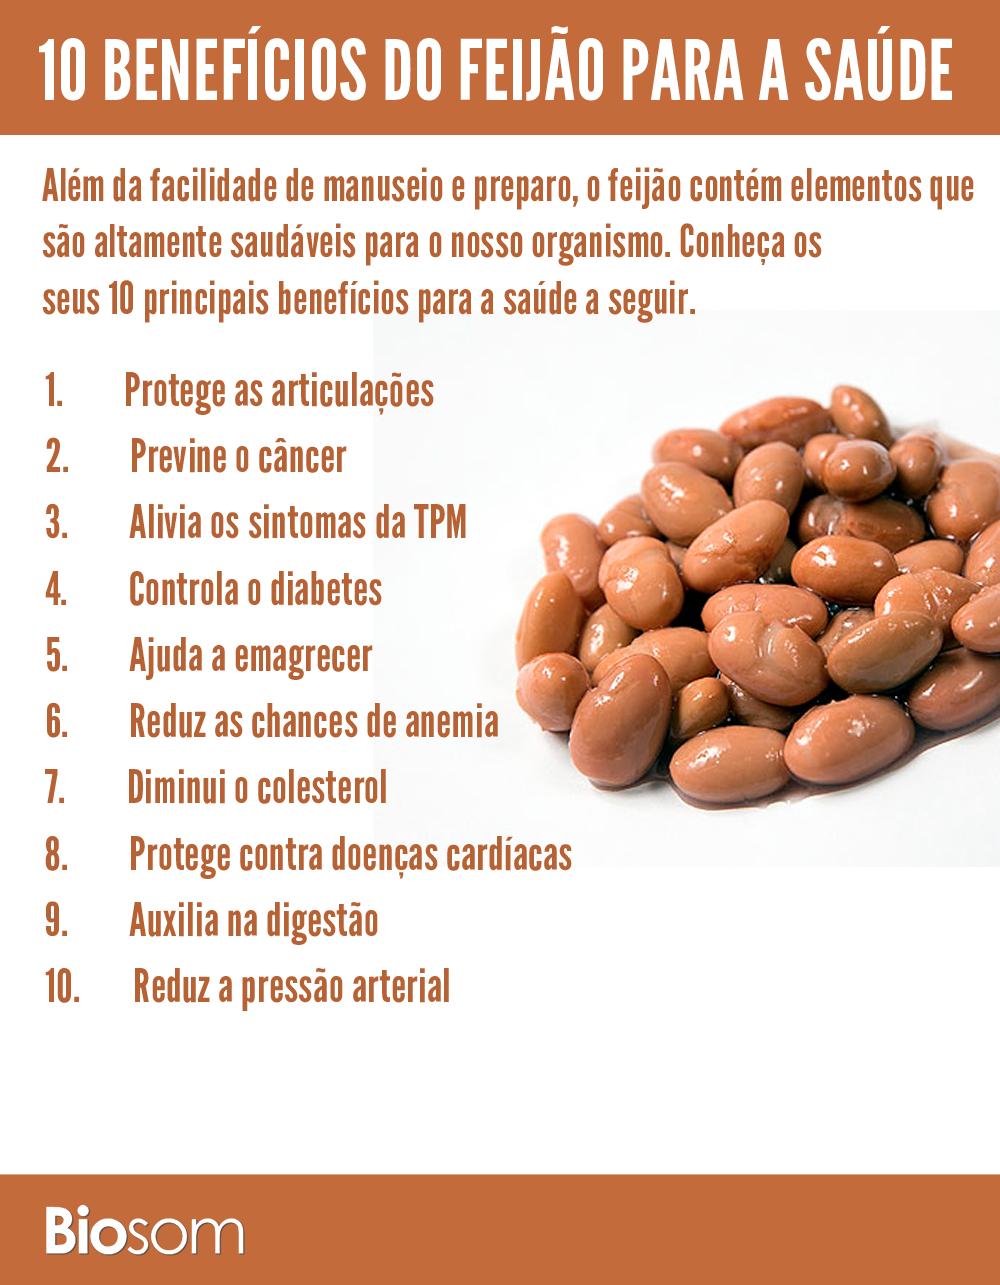 10 benefícios de feijão para saúde